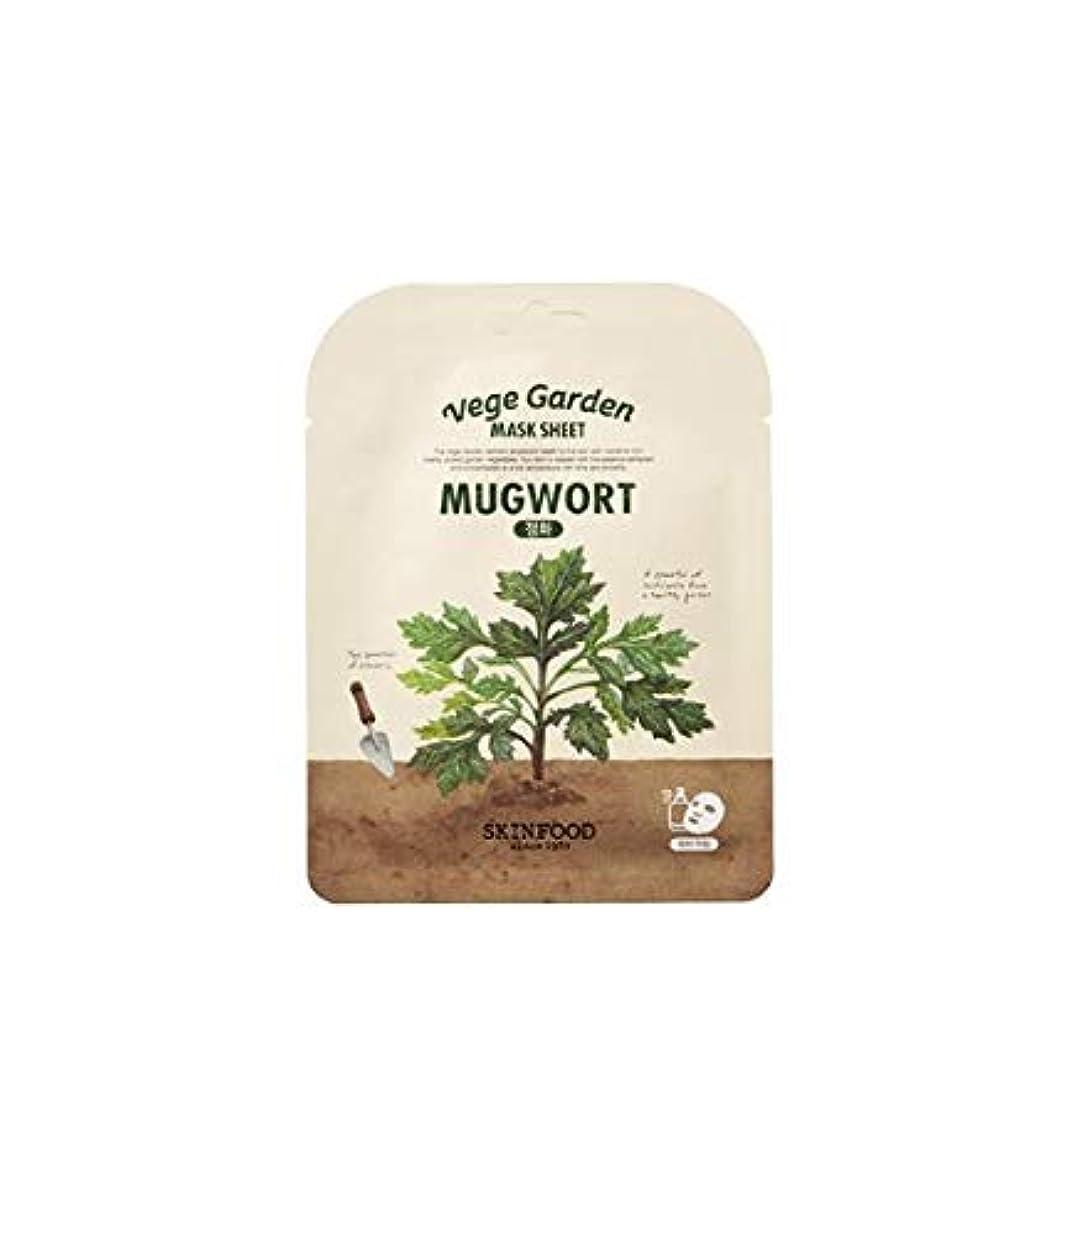 ハント気性ワーディアンケースSkinfood ベジガーデンマスクシート#ヨモギ* 10ea / Vege Garden Mask Sheet #Mugwort *10ea 20ml*10 [並行輸入品]